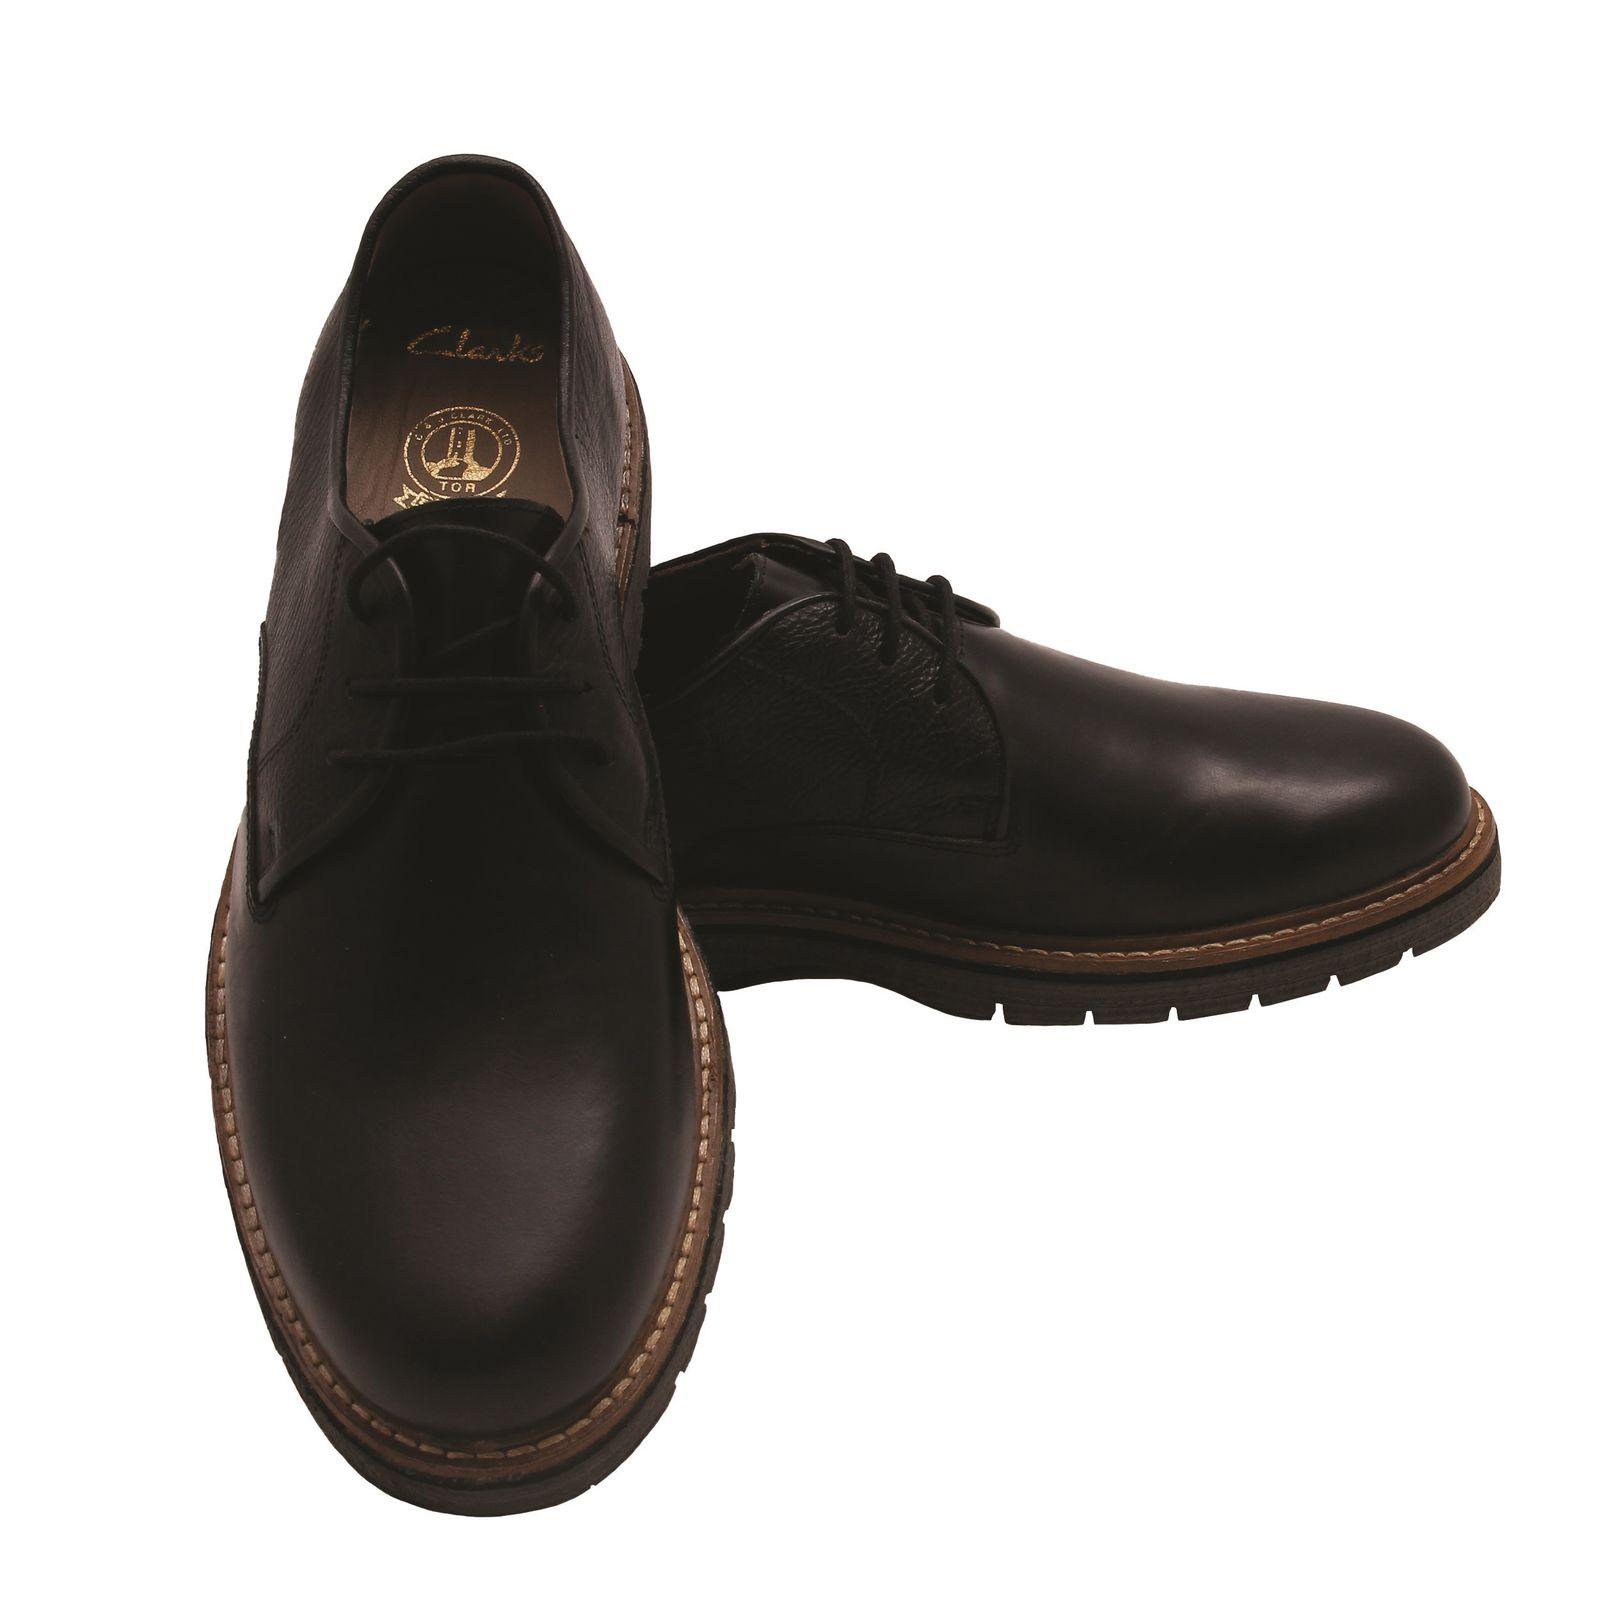 کفش روزمره مردانه کلارک کد 261271307 -  - 3